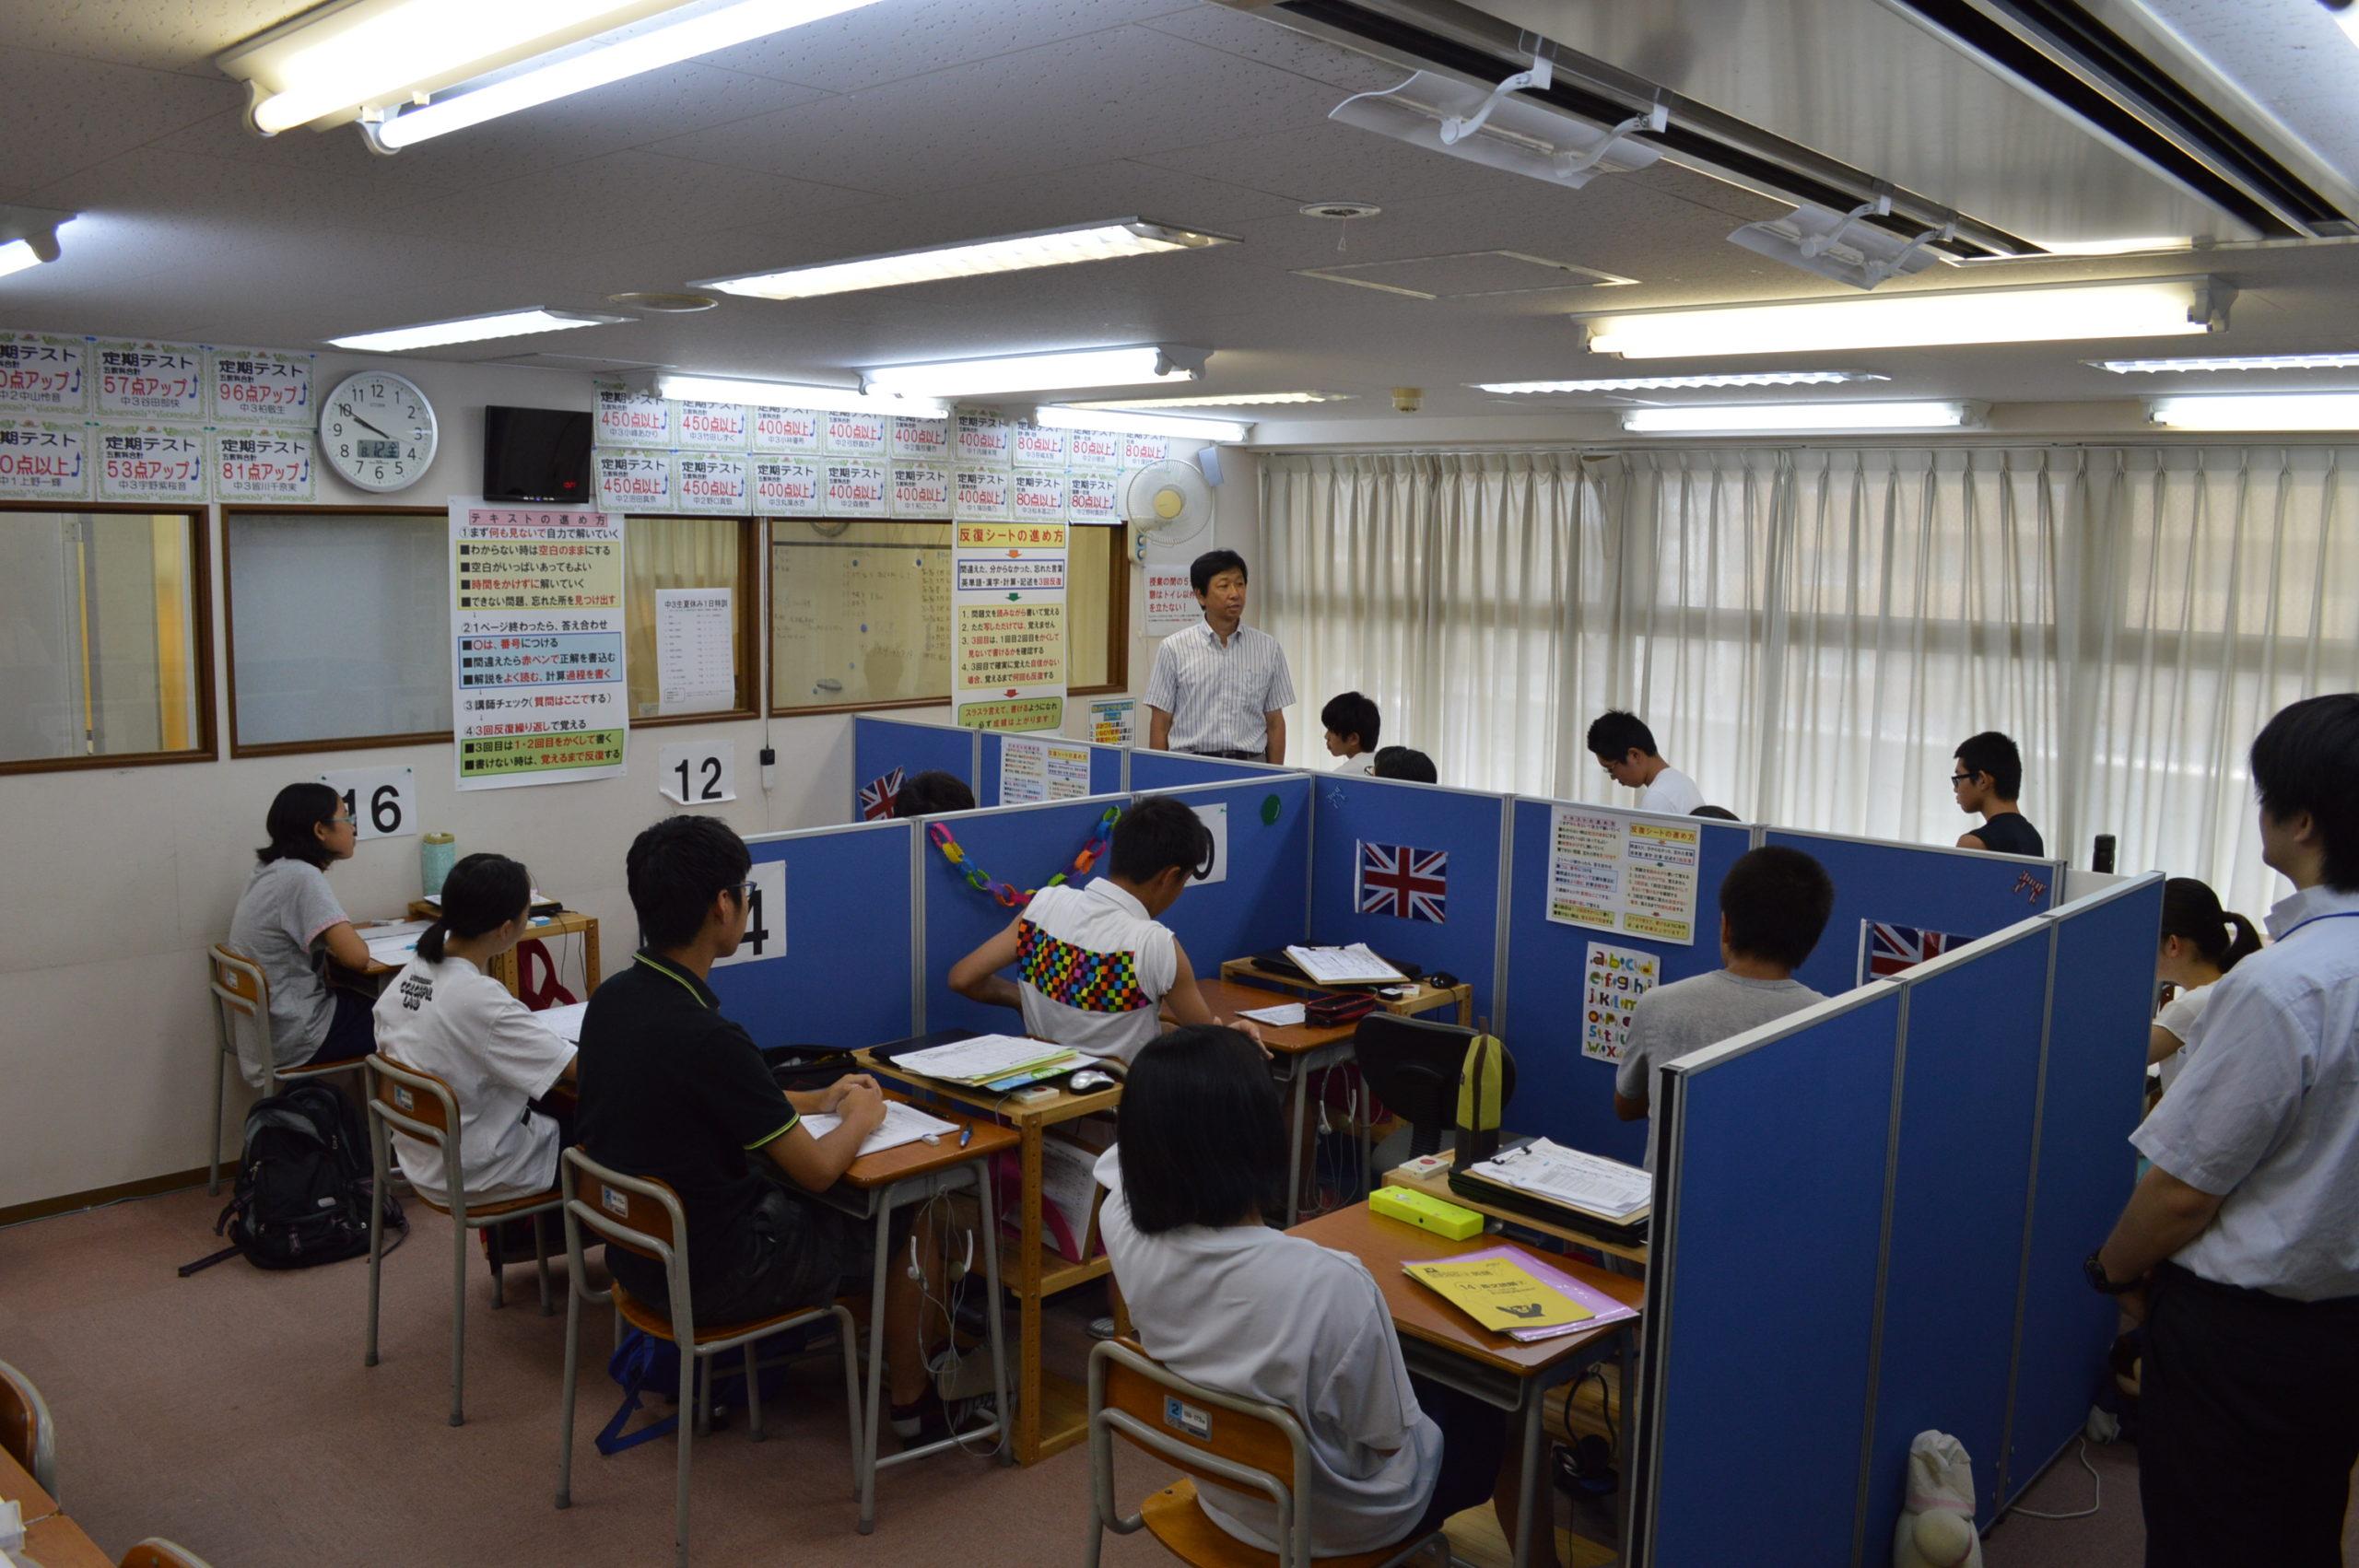 中学3年生 夏休み3日特訓実施page-visual 中学3年生 夏休み3日特訓実施ビジュアル